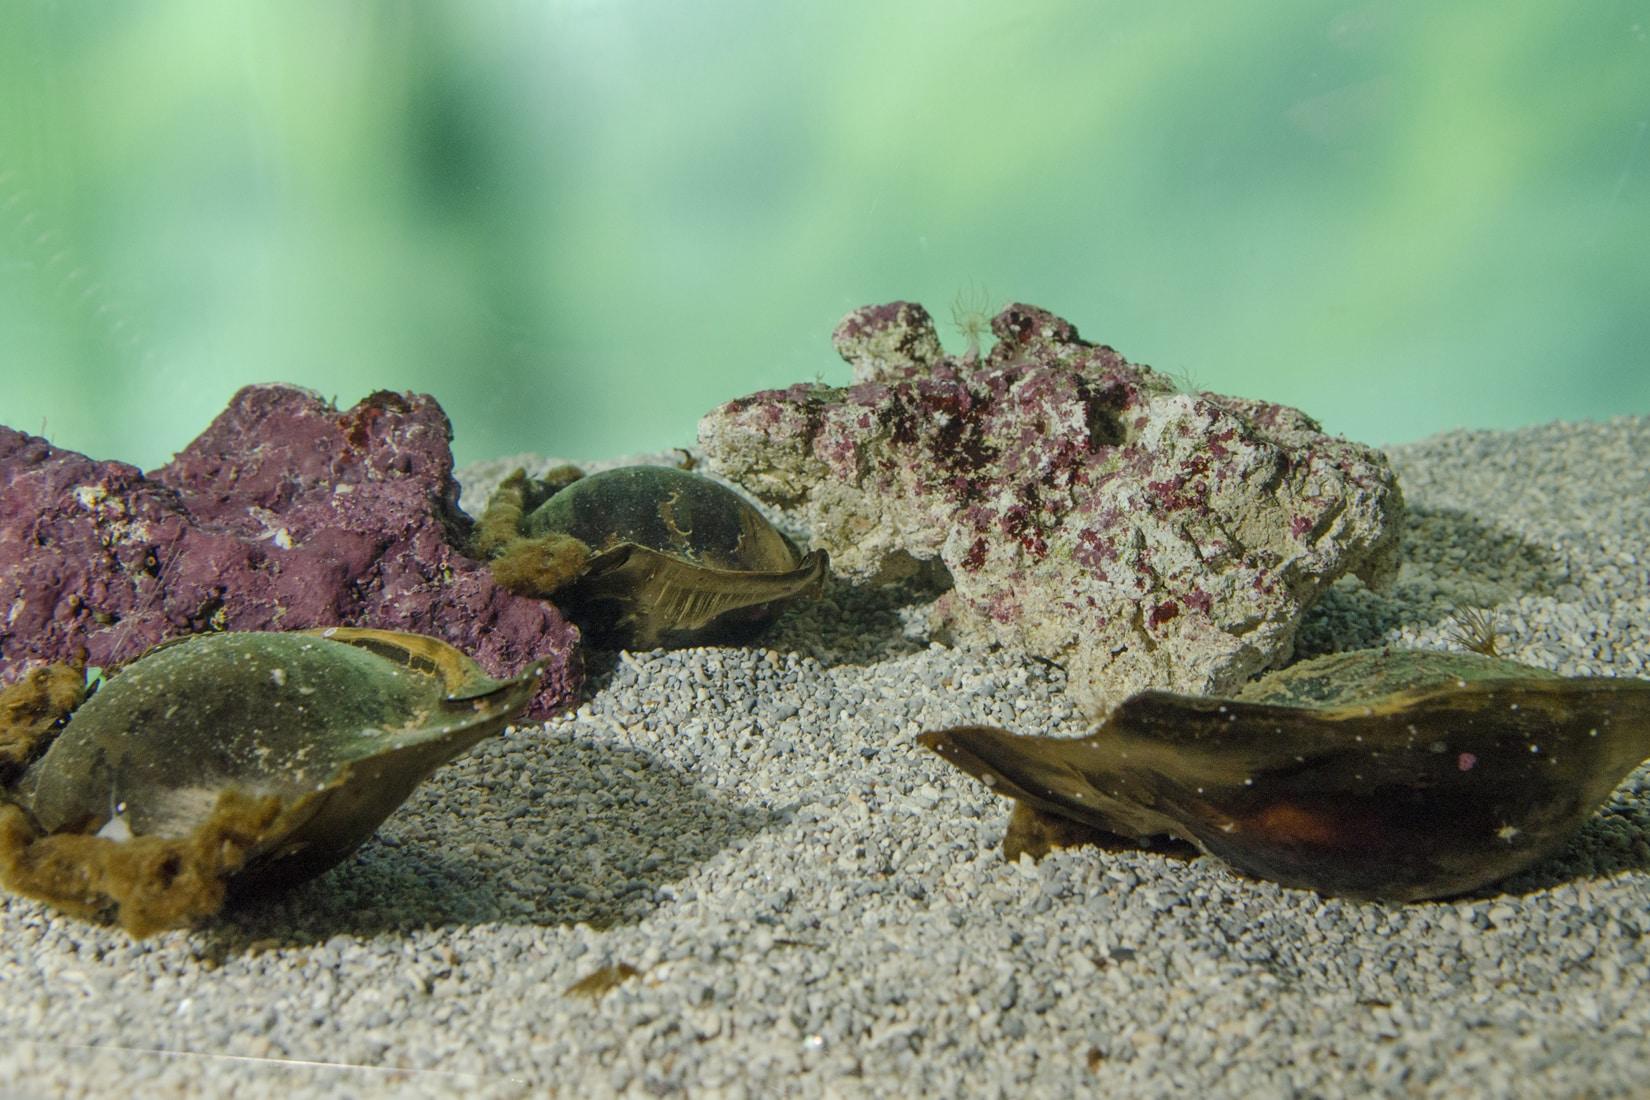 Oeufs de requin zèbre en attente d'éclosion, Stegostoma fasciatum © Océanopolis